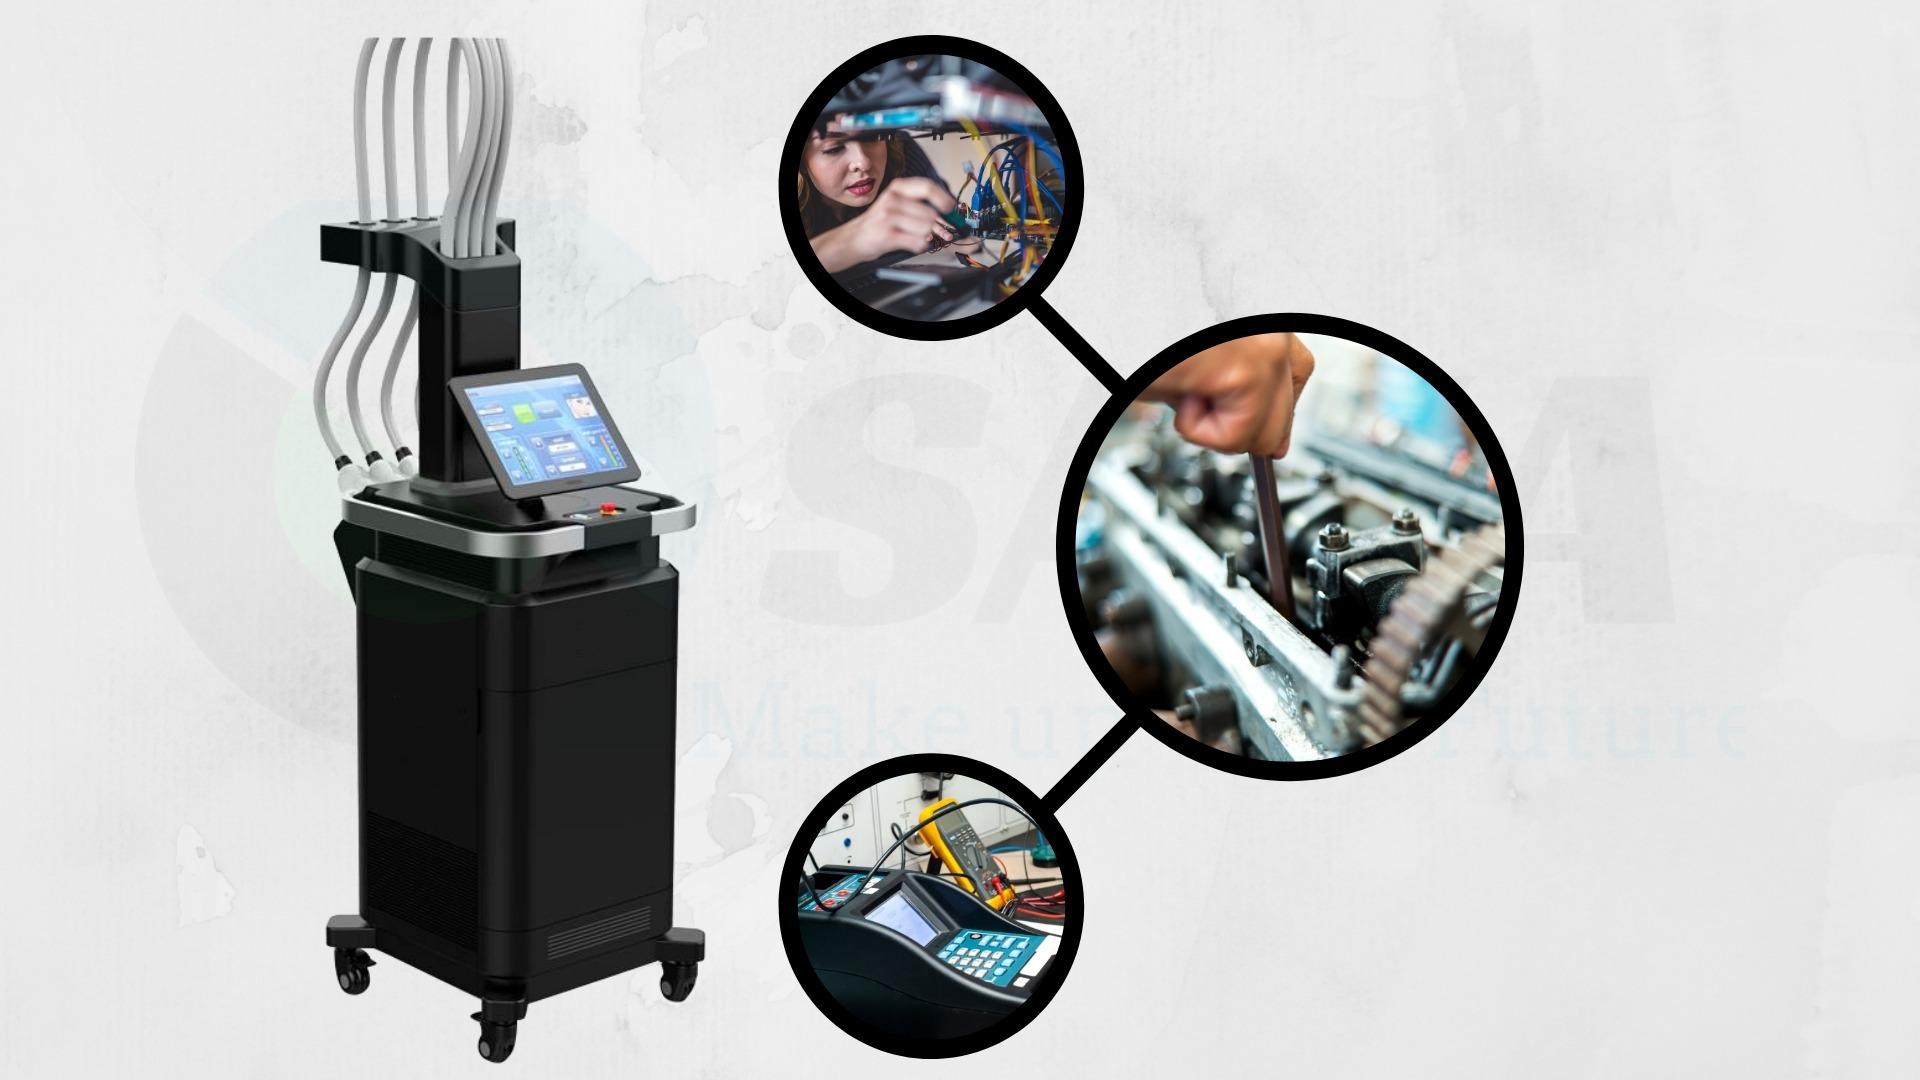 Sửa chữa máy giảm béo Diode Laser tại Hà Nội